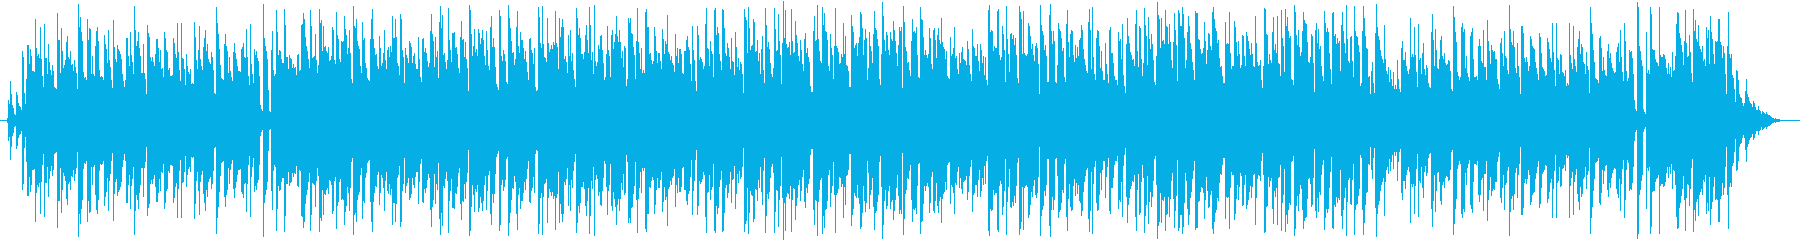 ギターメロディーのボサノバ、ループ曲の再生済みの波形